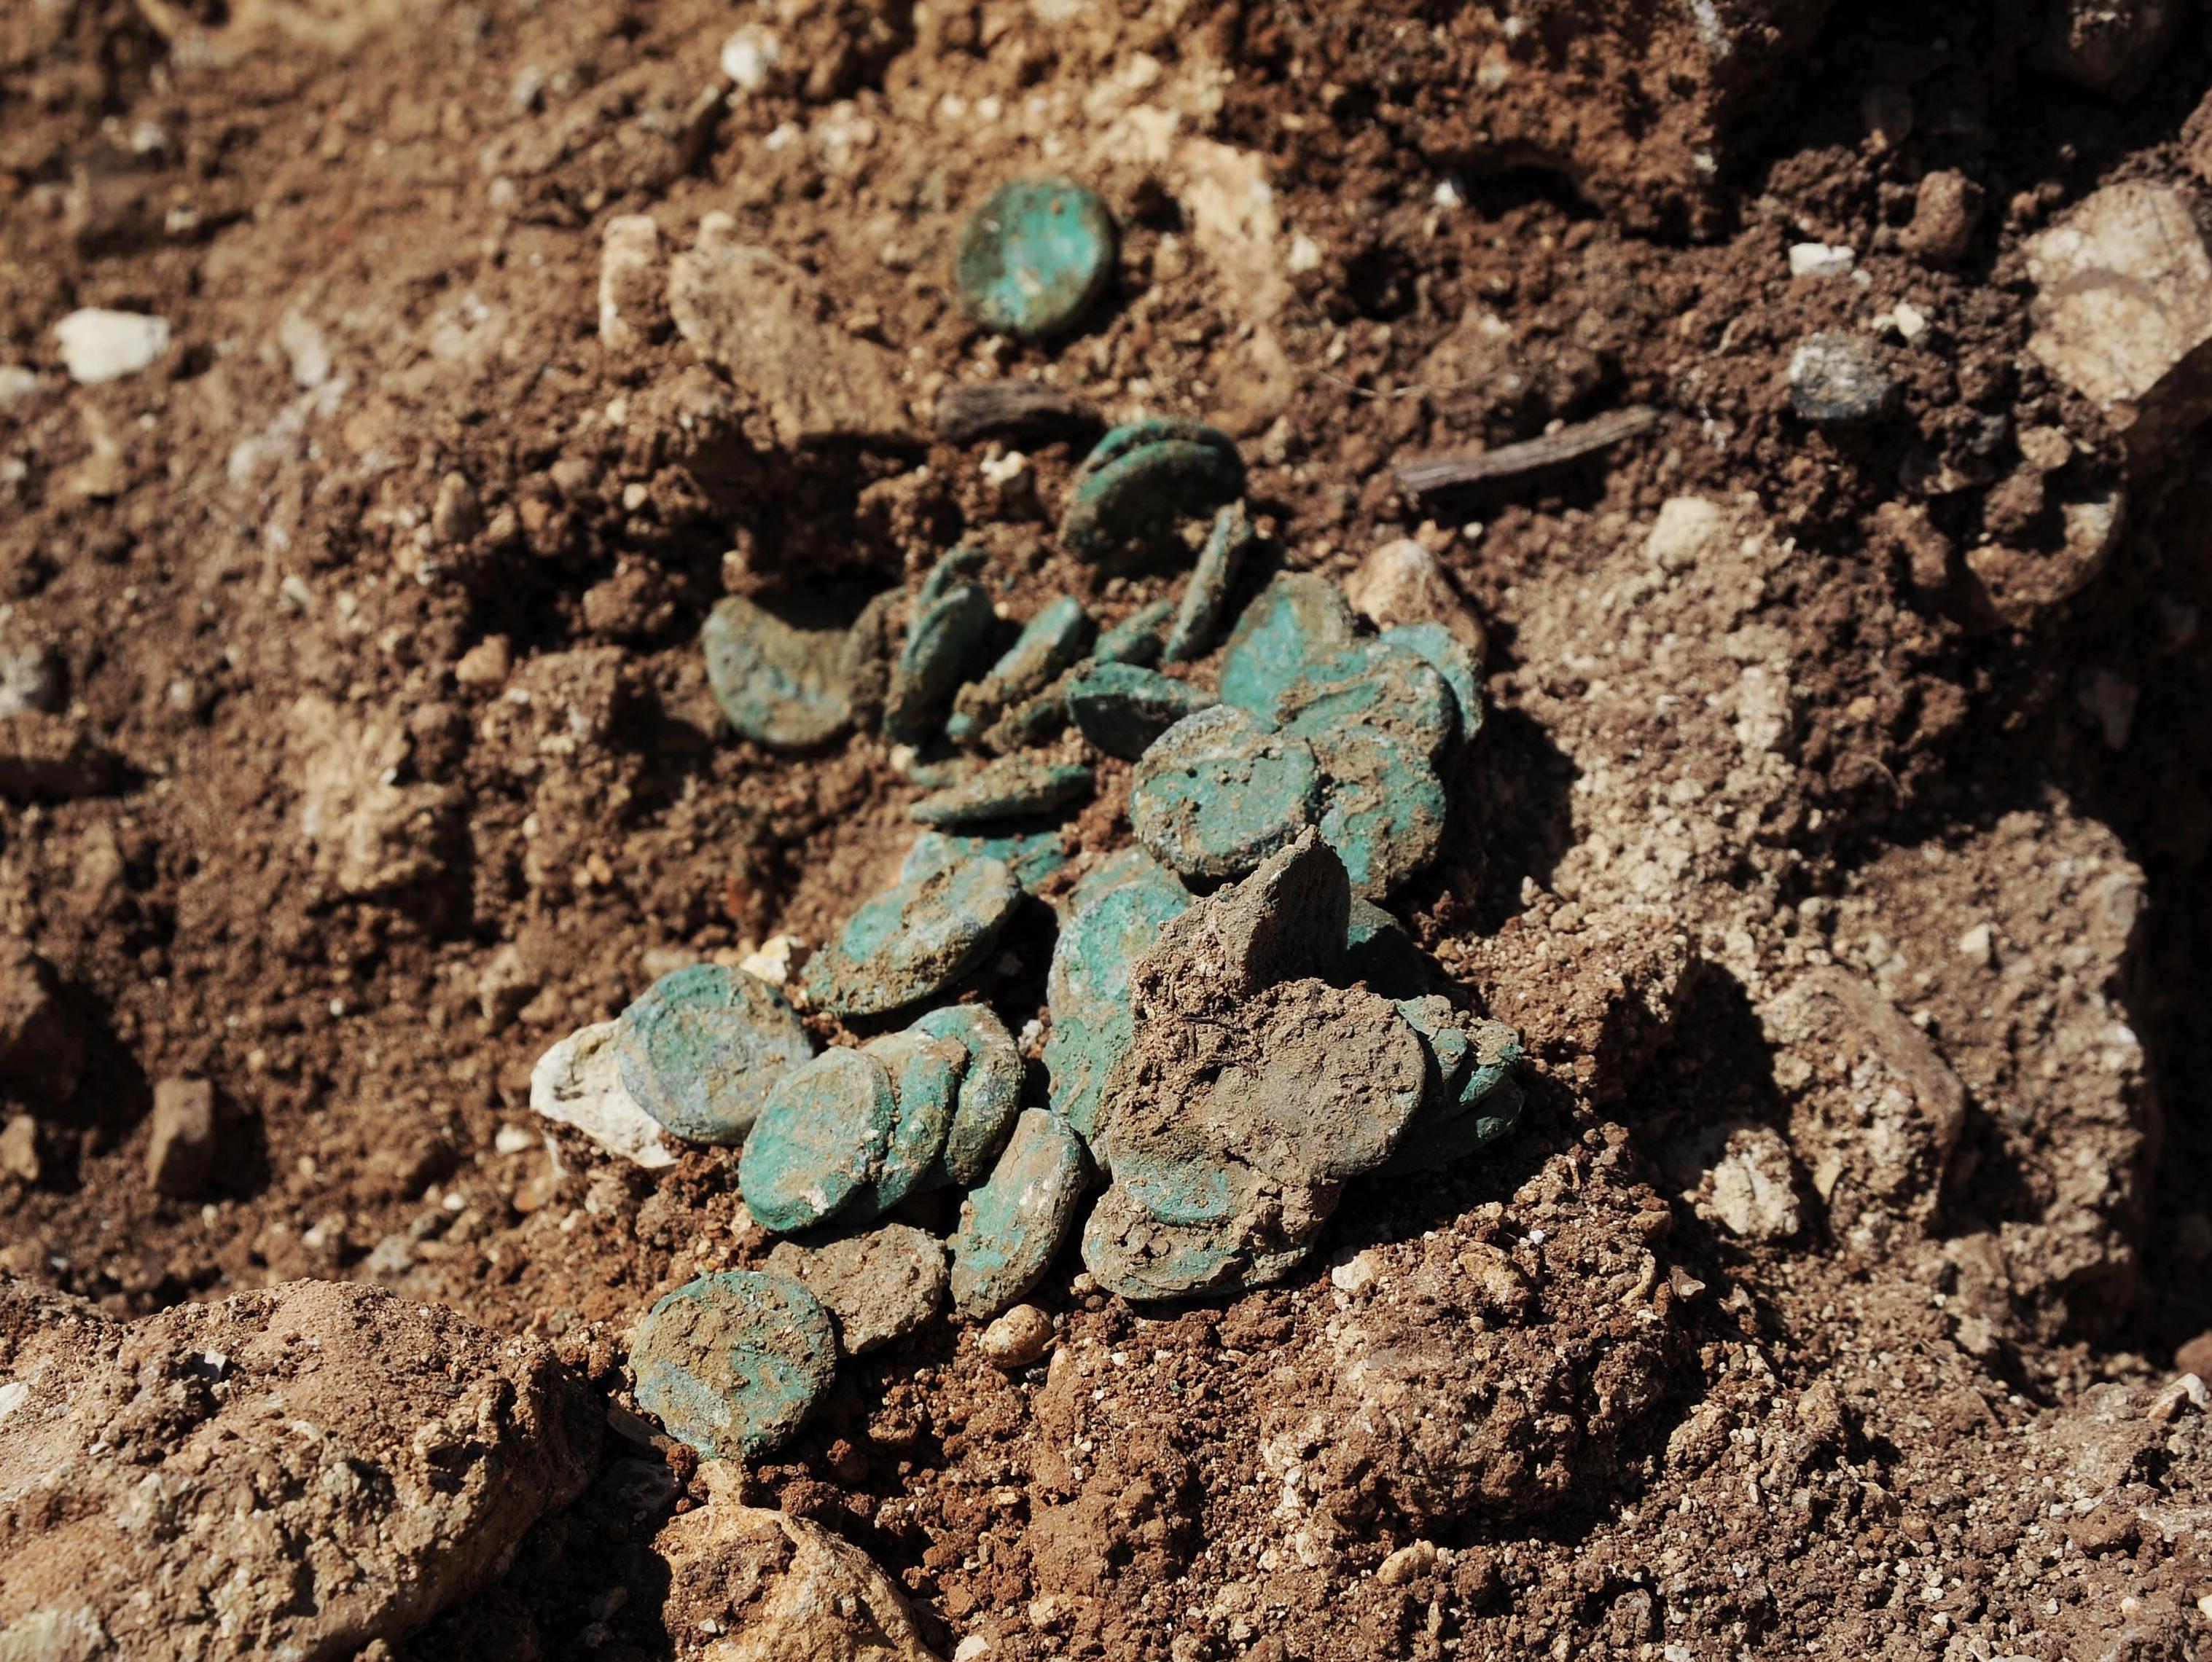 אוצר מטבעות מתקופת בית שני נחשף ליד כביש ירושלים תל אביב